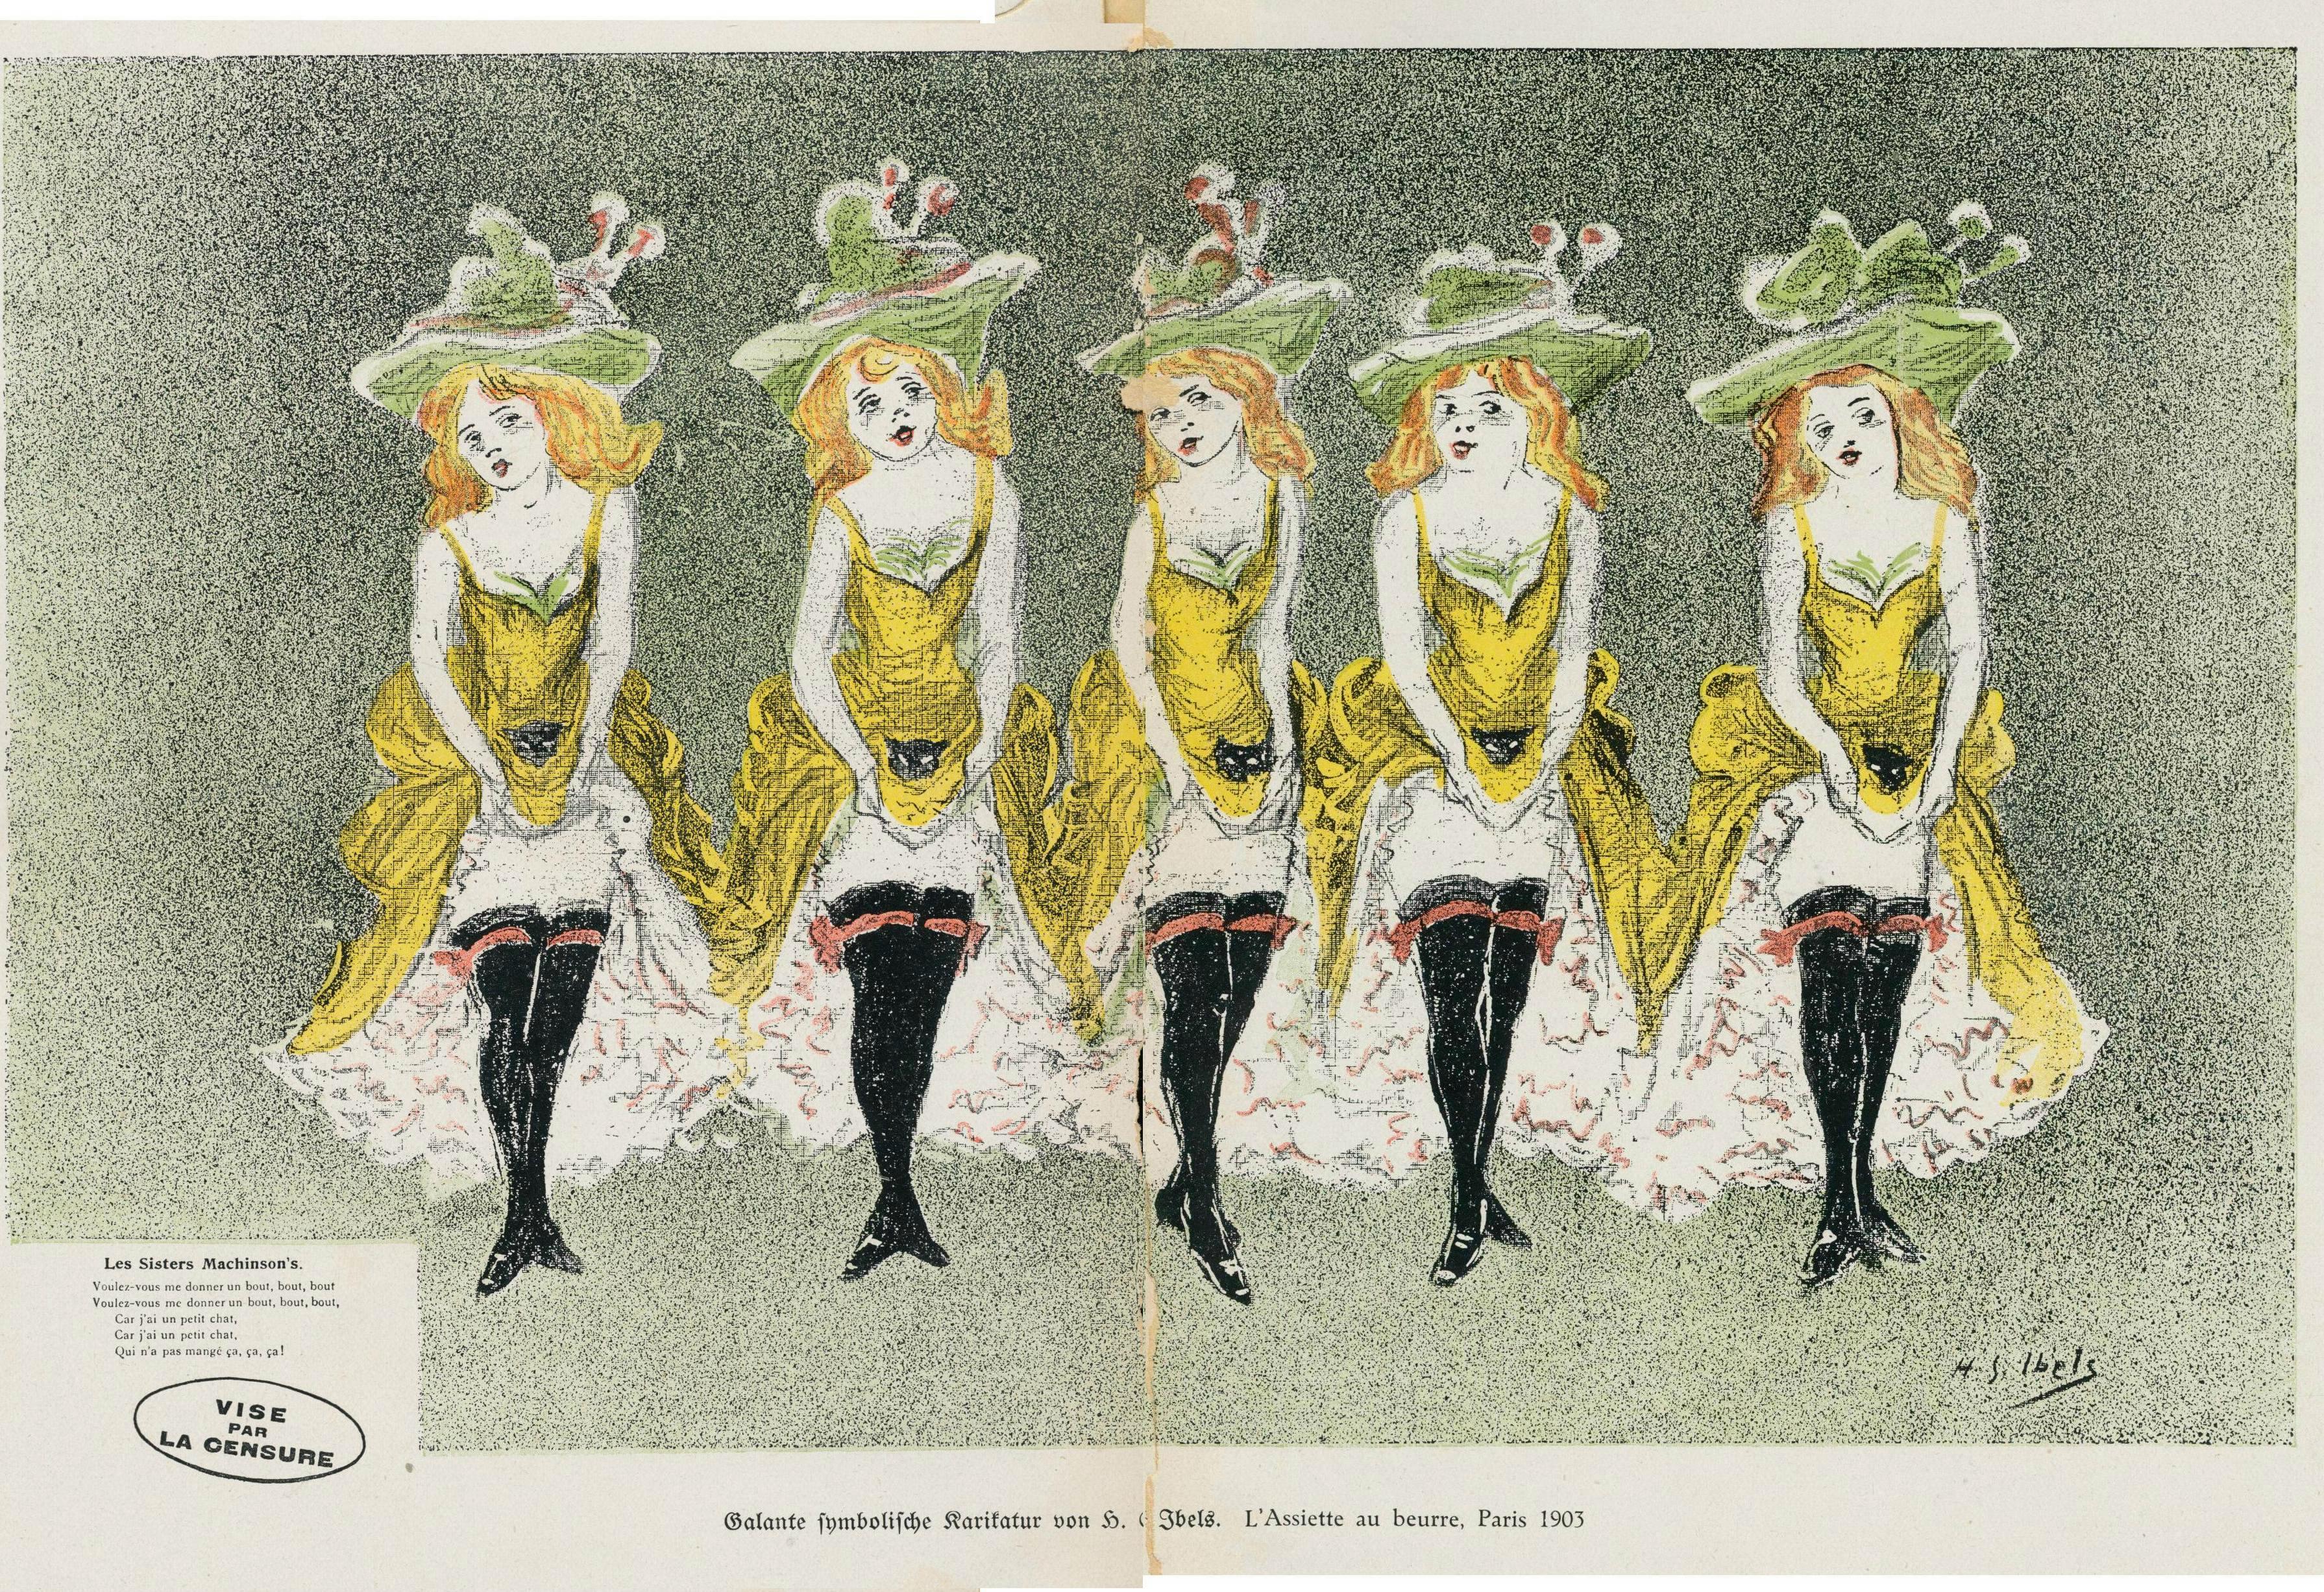 H IBELS, Les Sisters Machinson s, 1901 ASSIETTE AU BEURRE